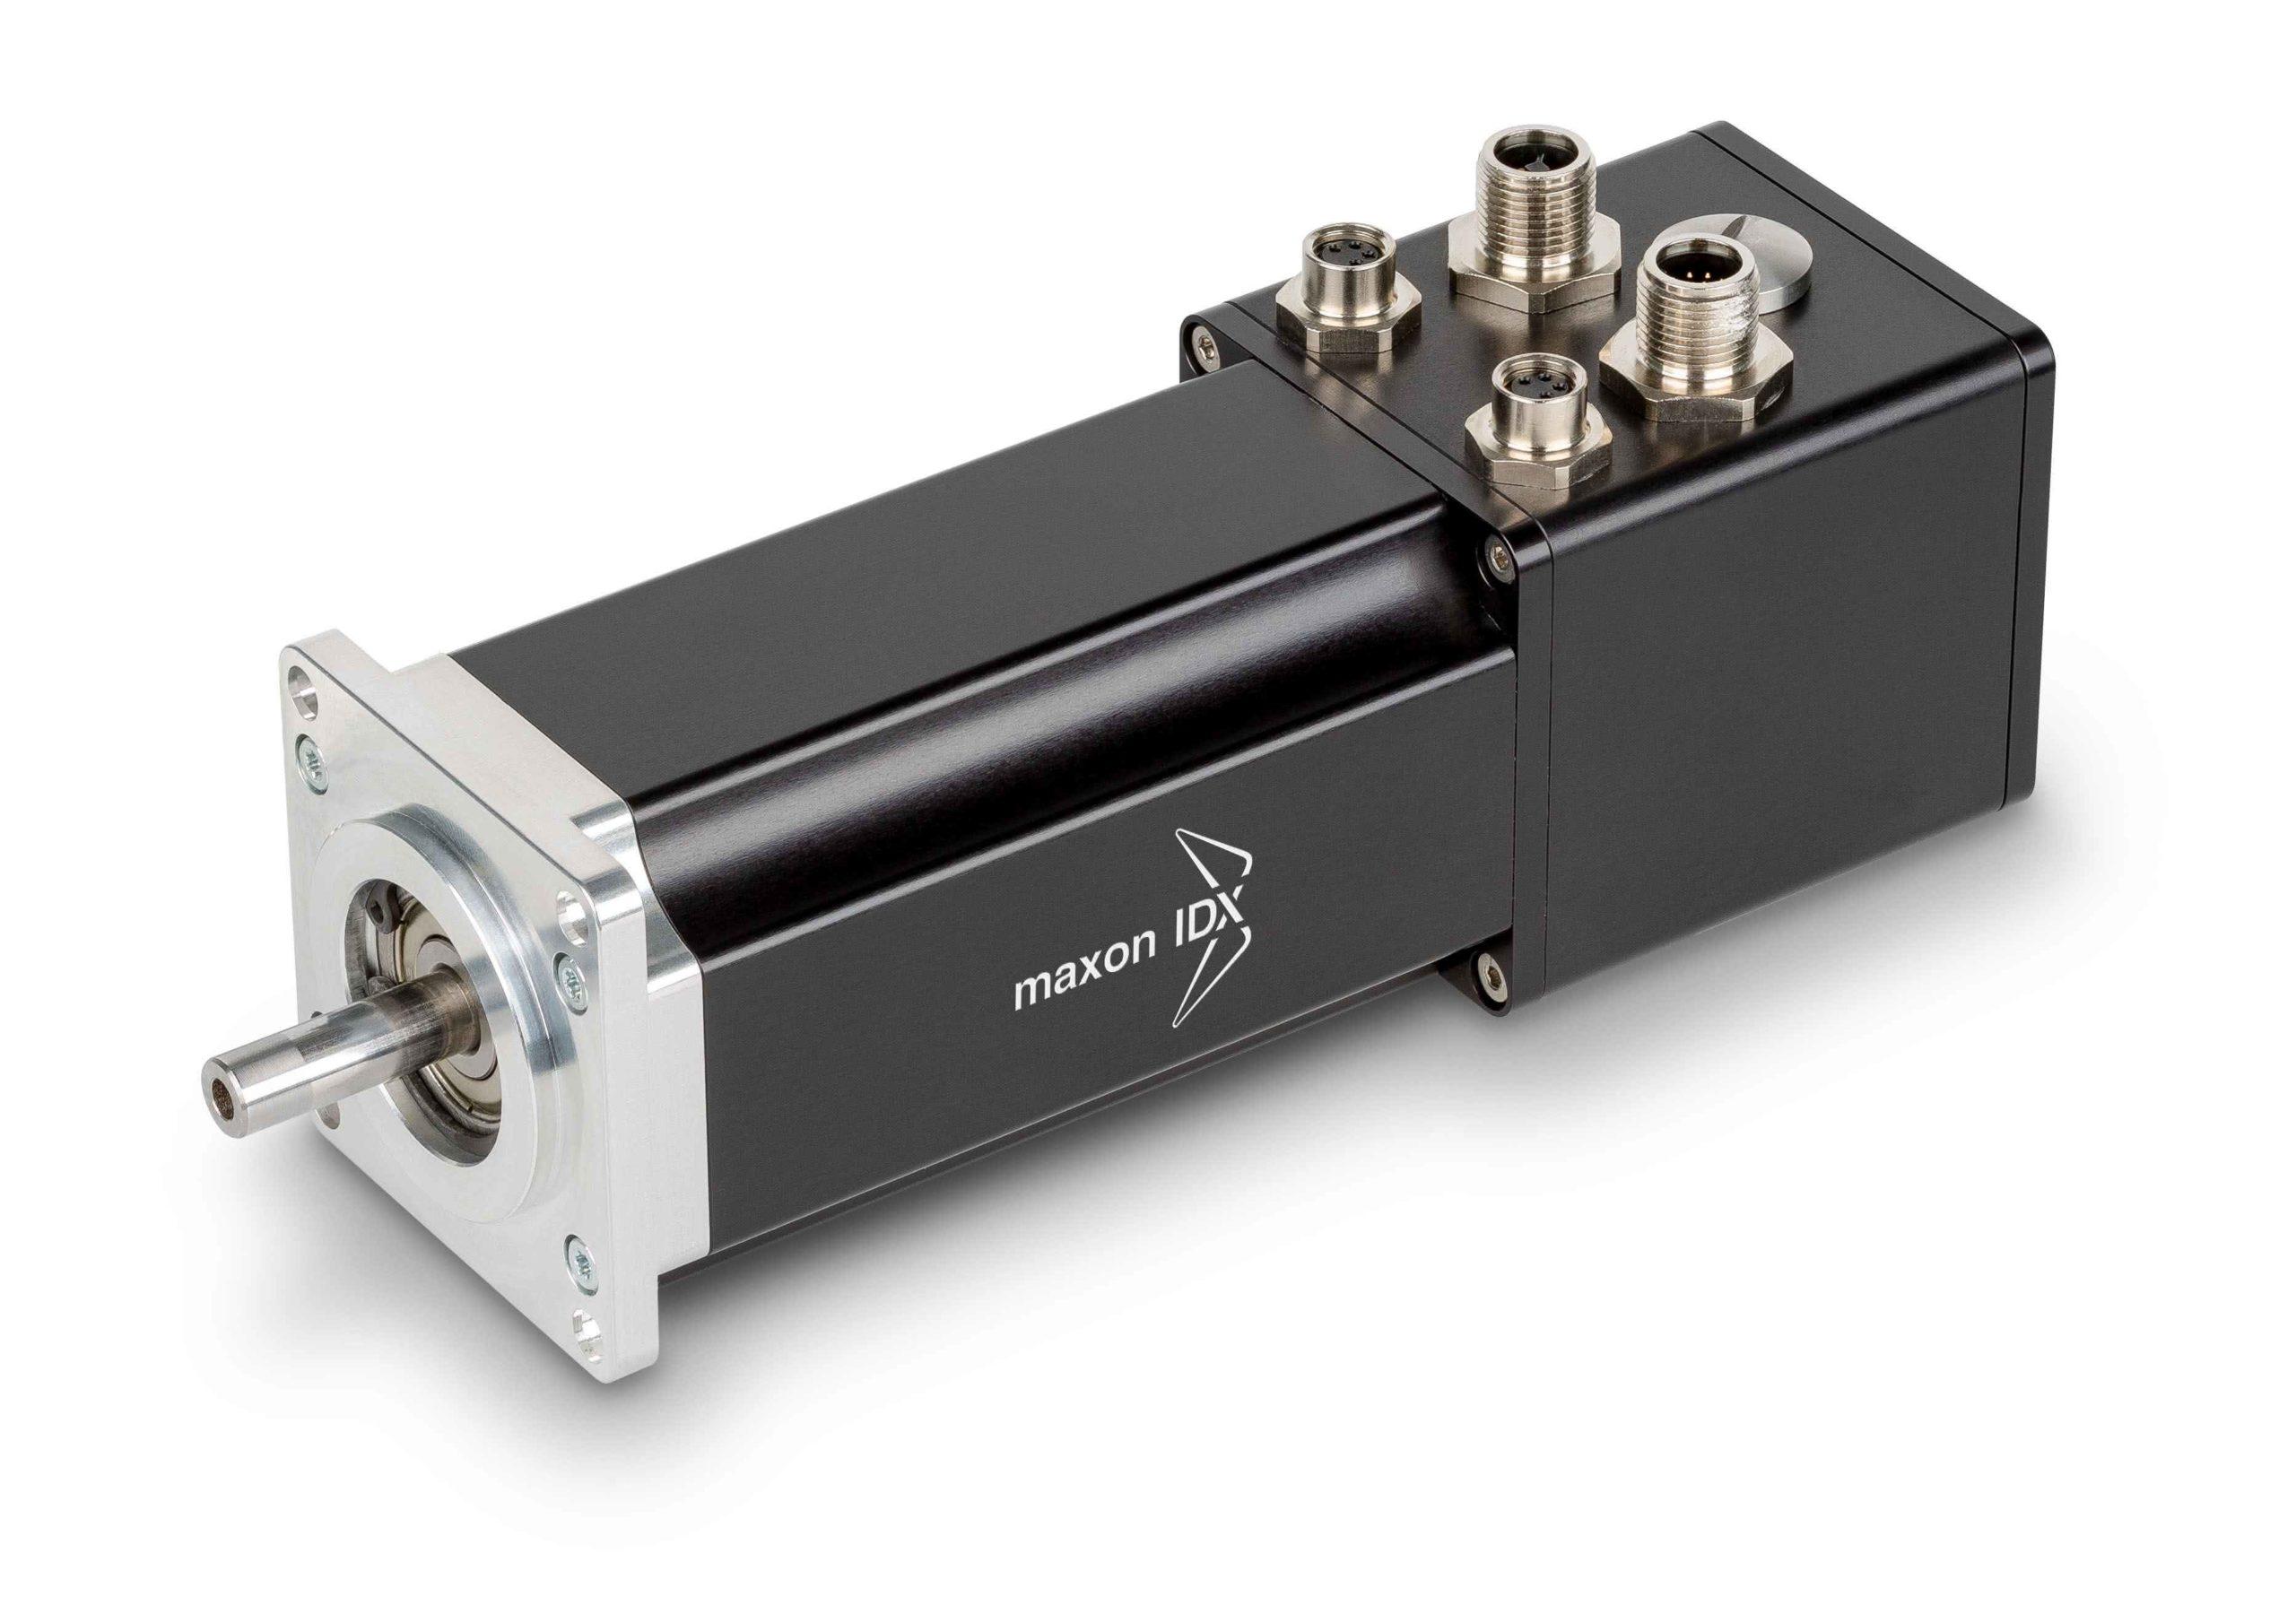 Новые интегрированные привода серии IDX от maxon